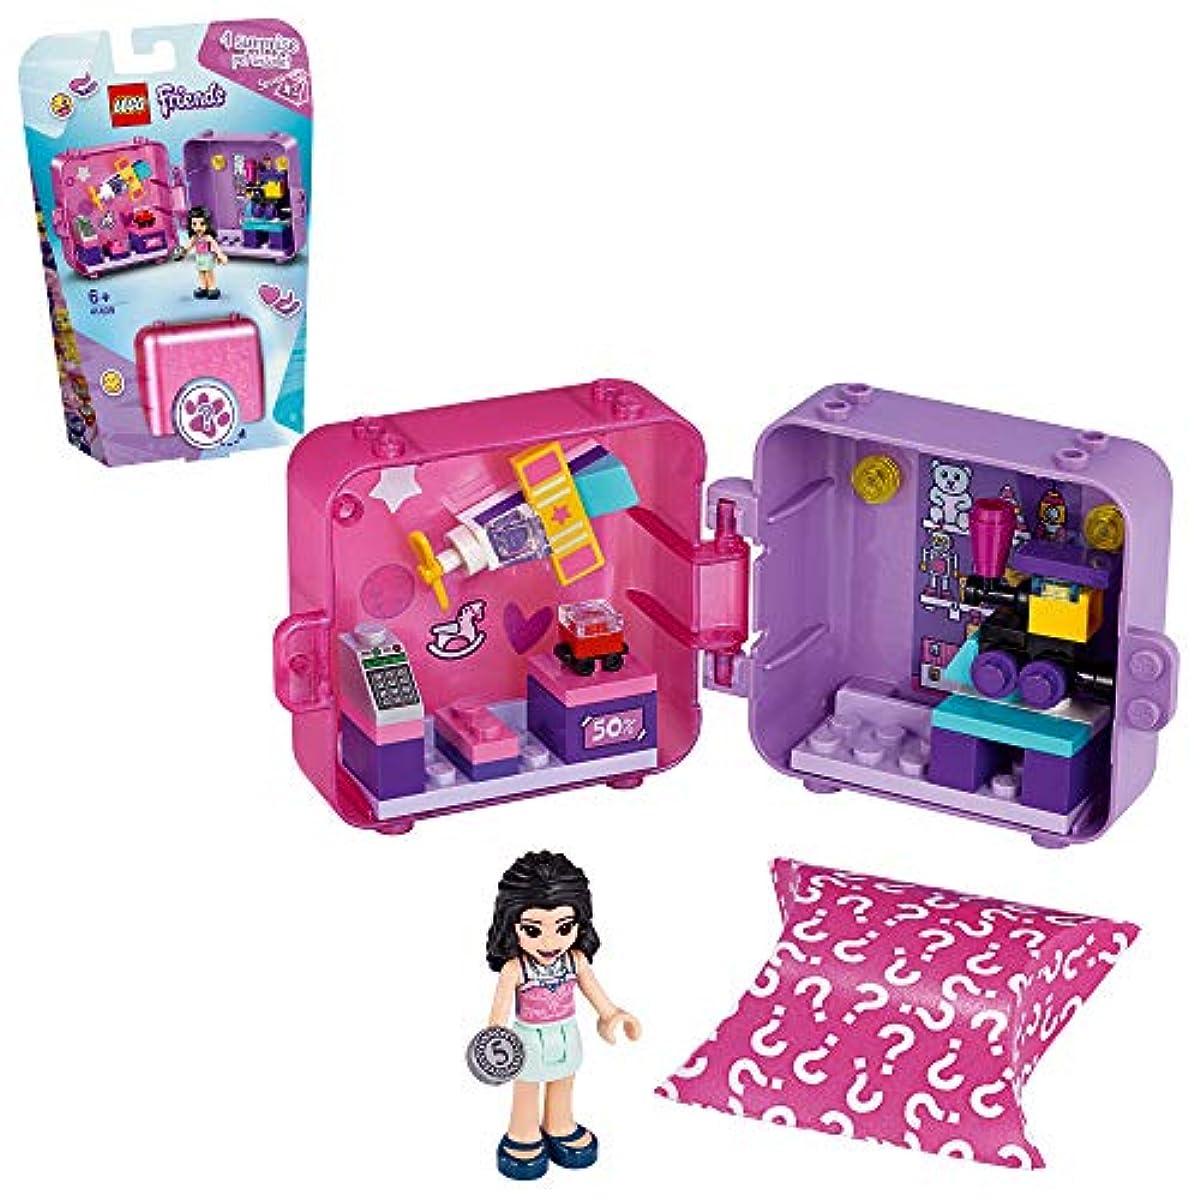 [해외] [예약 4/1]레고 프렌즈 큐비즈 - 엠마의 장난감 가게 41409